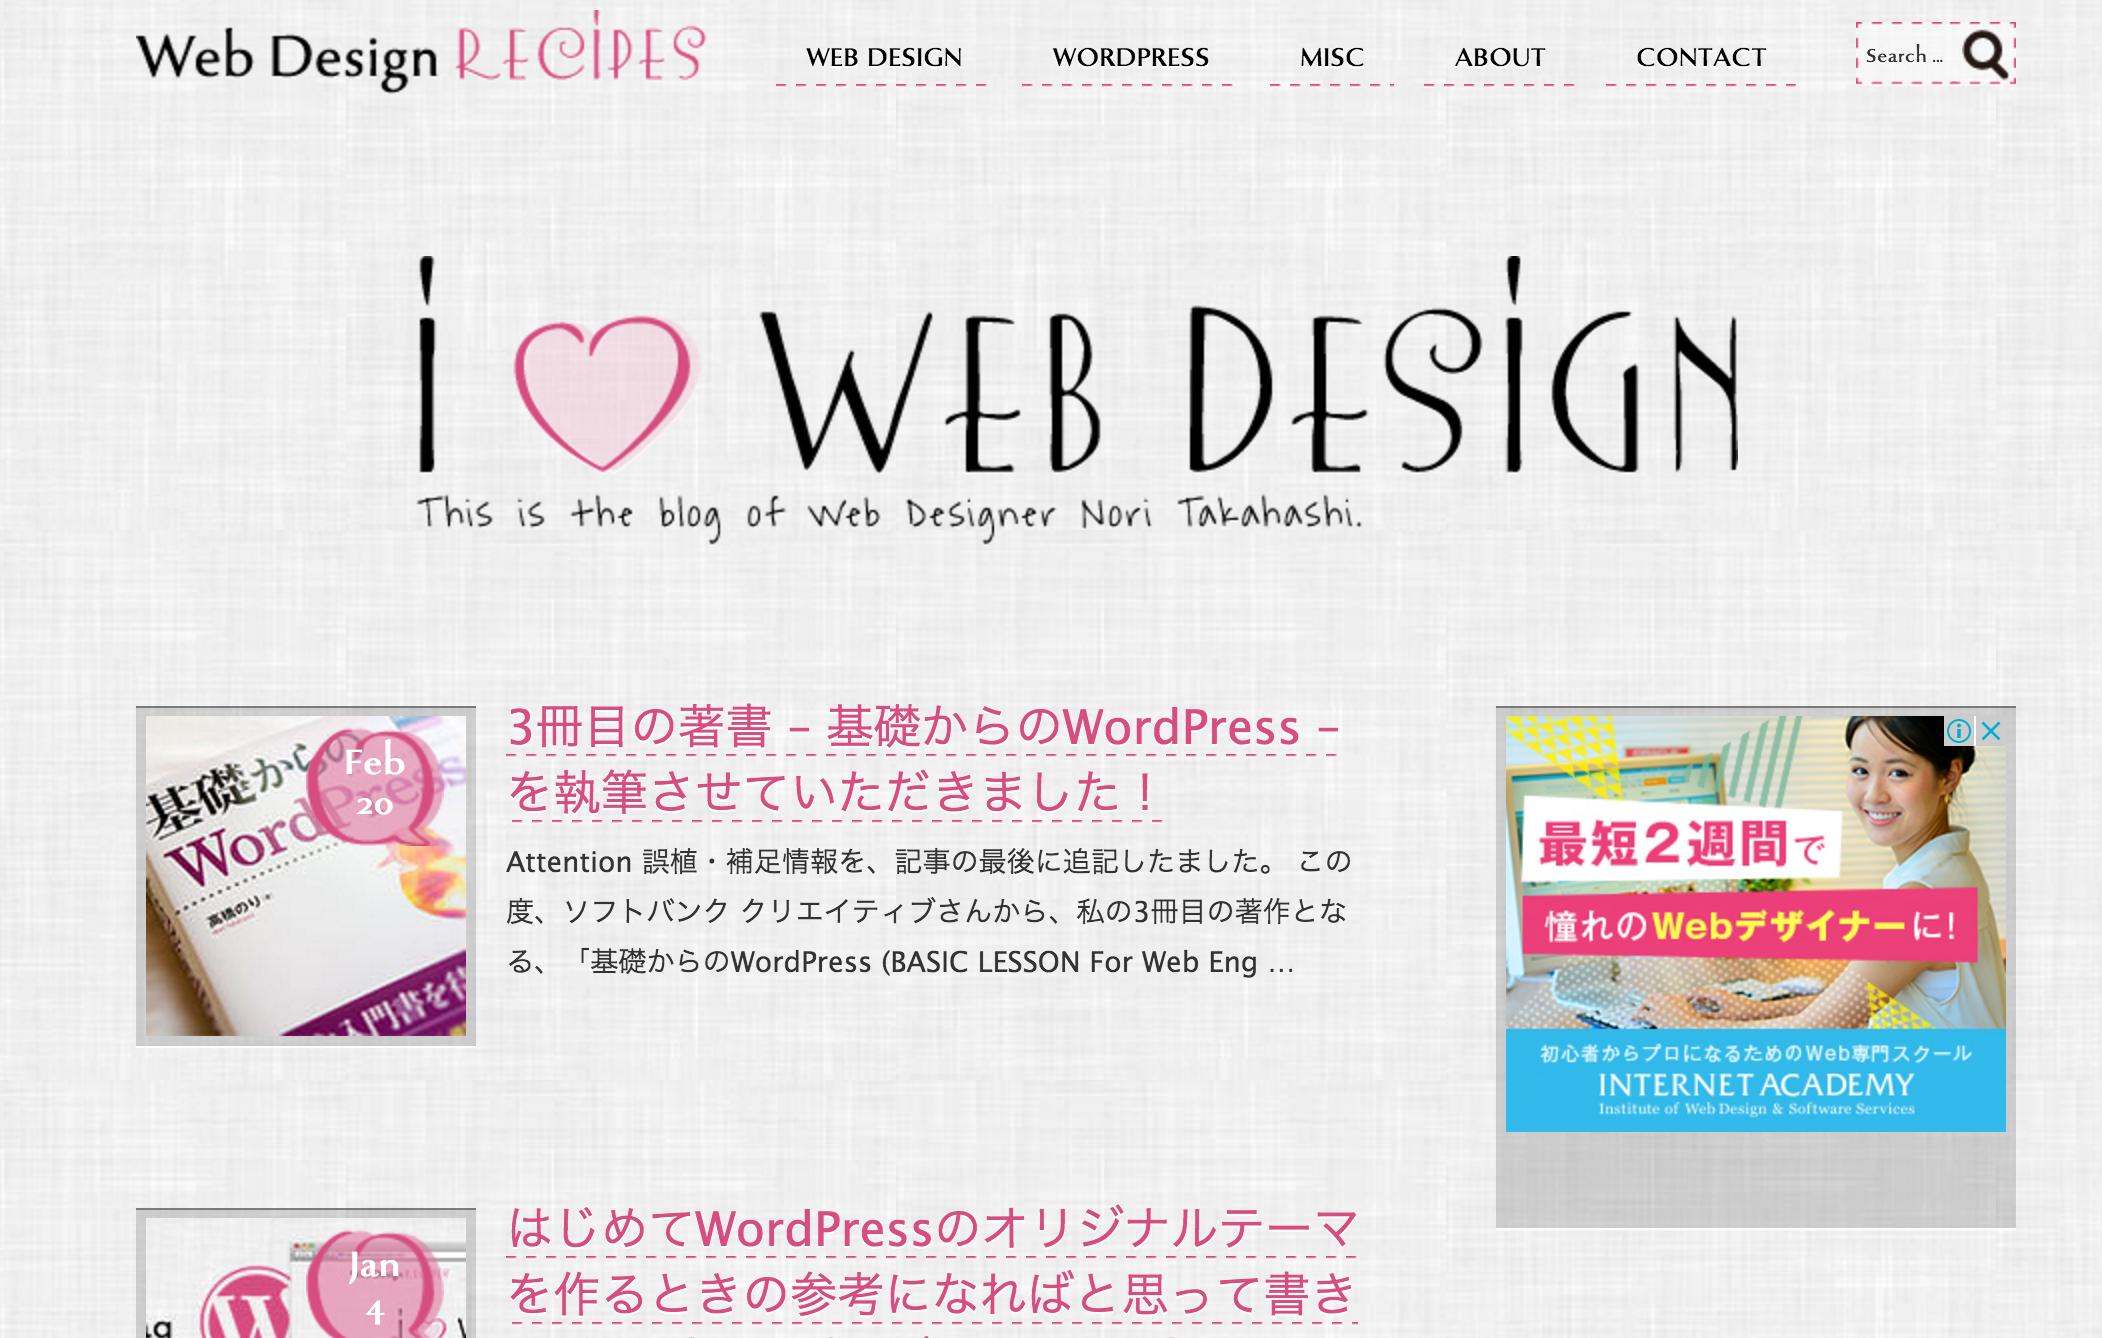 Webデザインレシピ